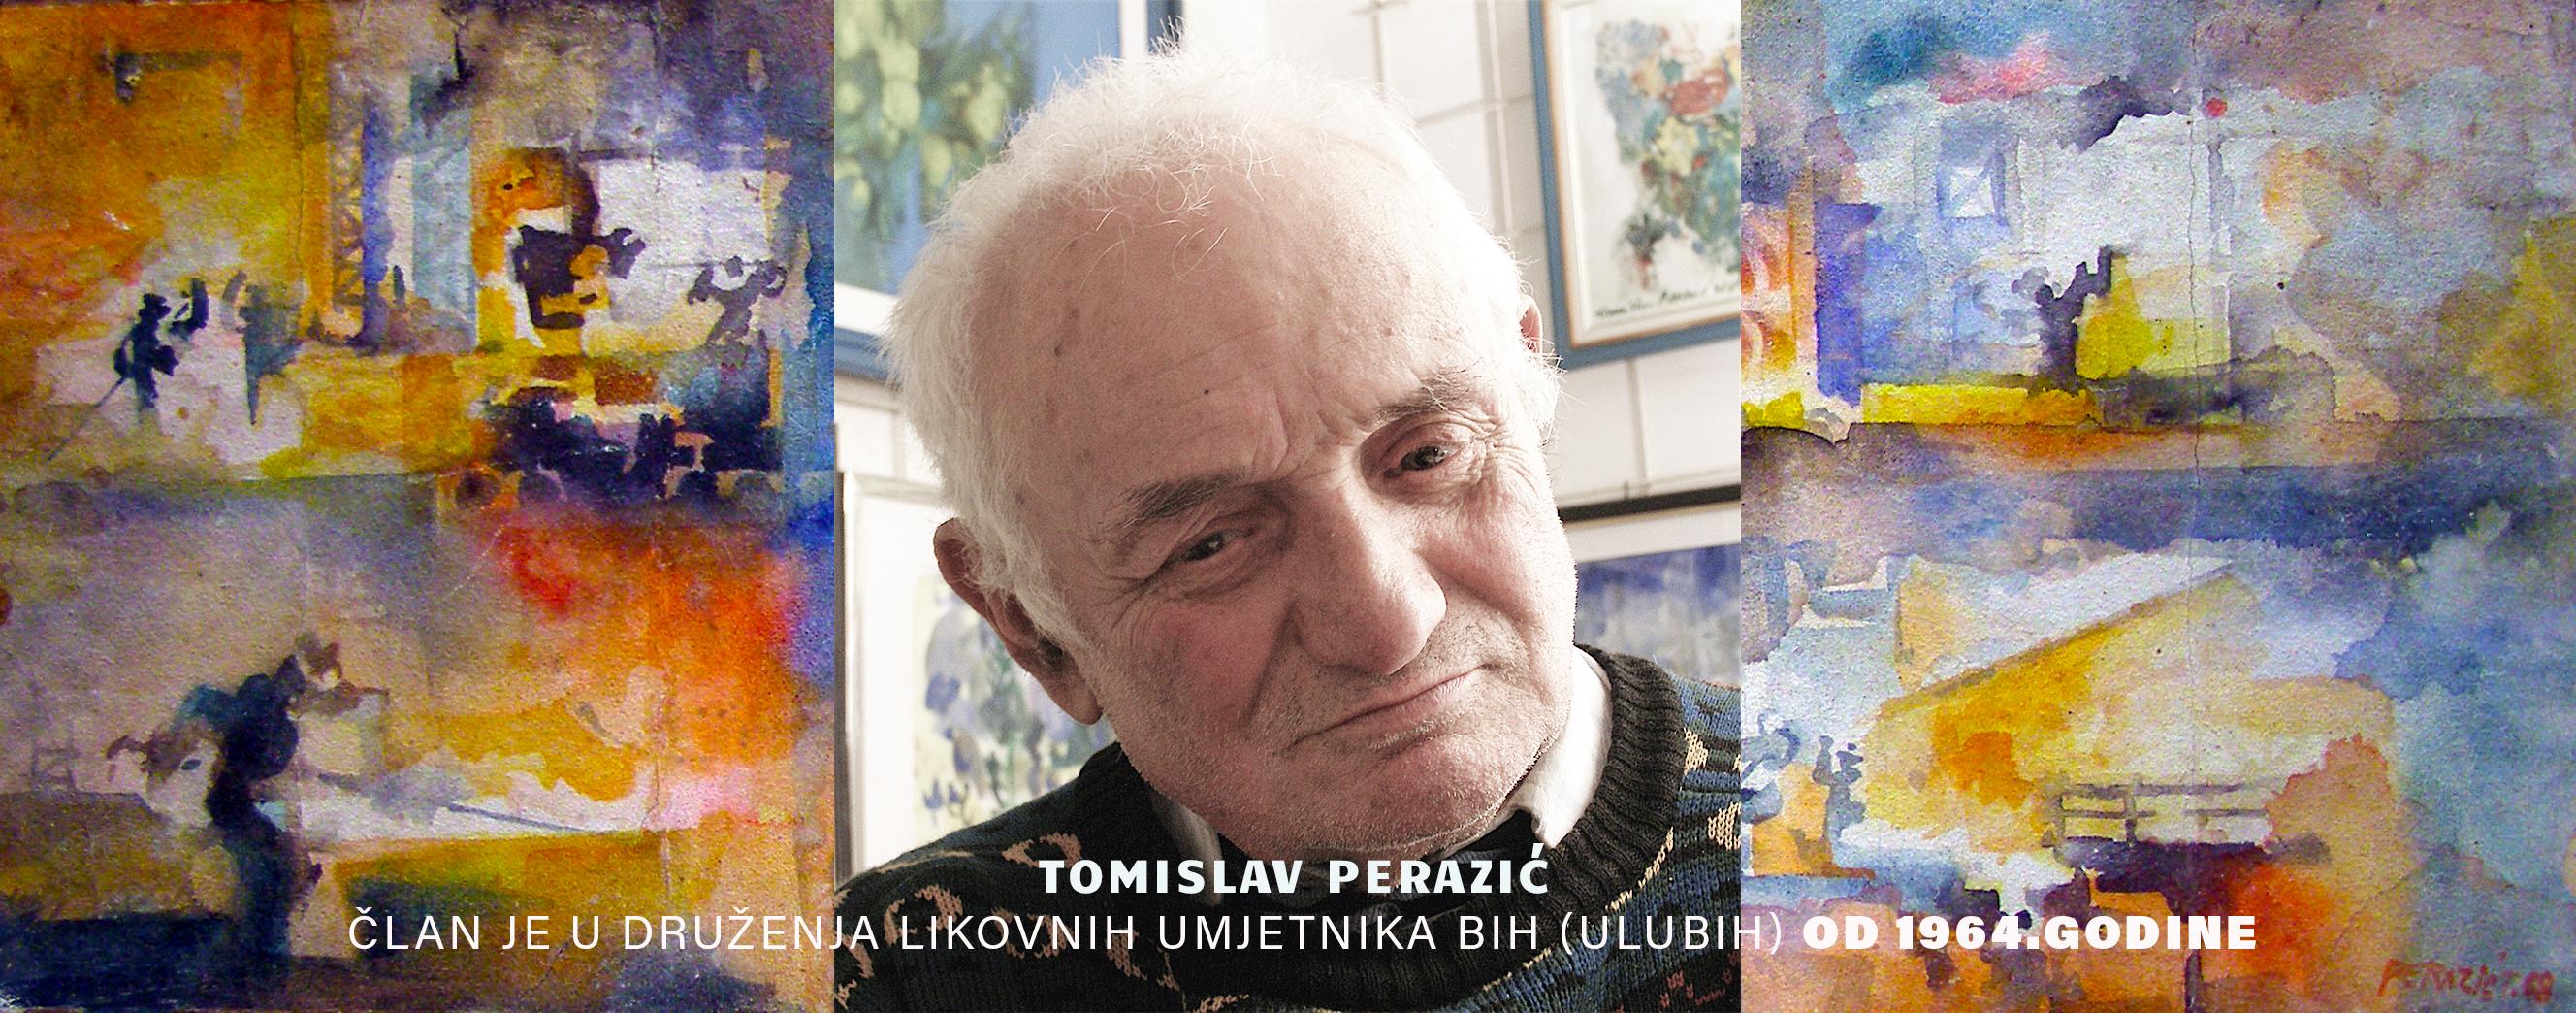 In memoriam: Tomislav Perazić - Zivim život kao od šale, boje su moj svijet